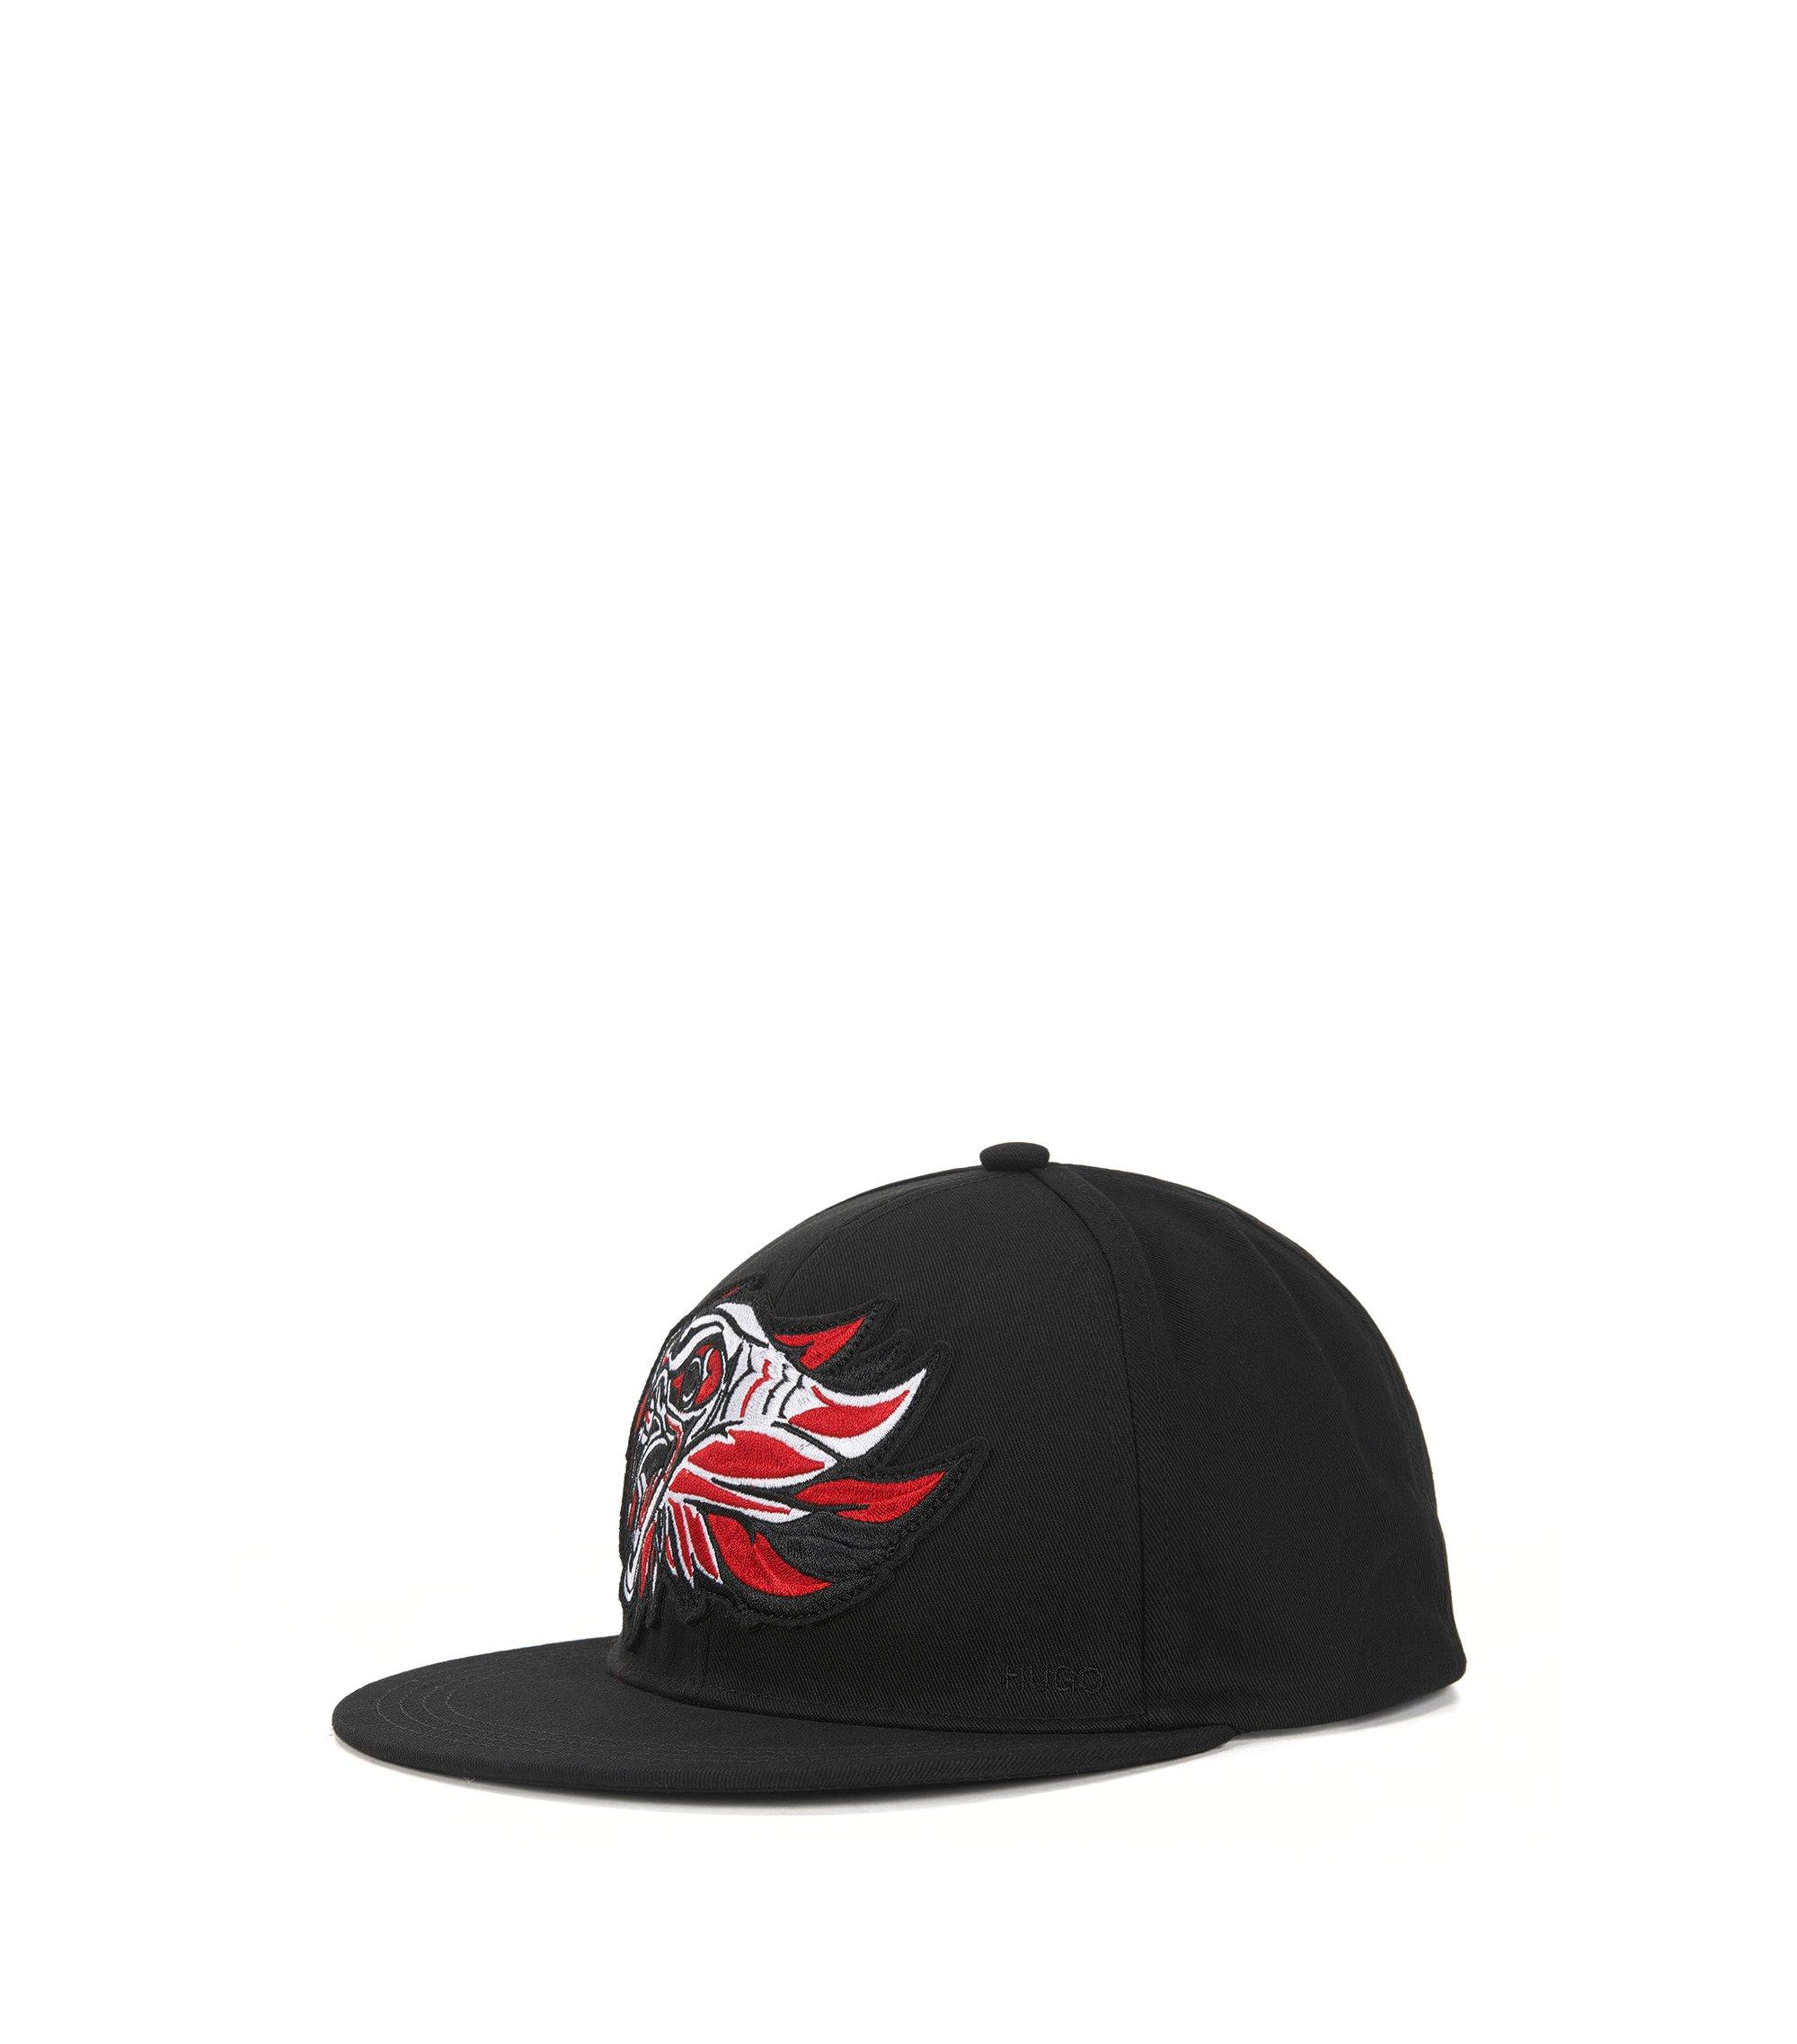 Baseball Cap aus Baumwolle mit Adler-Aufnäher, Schwarz